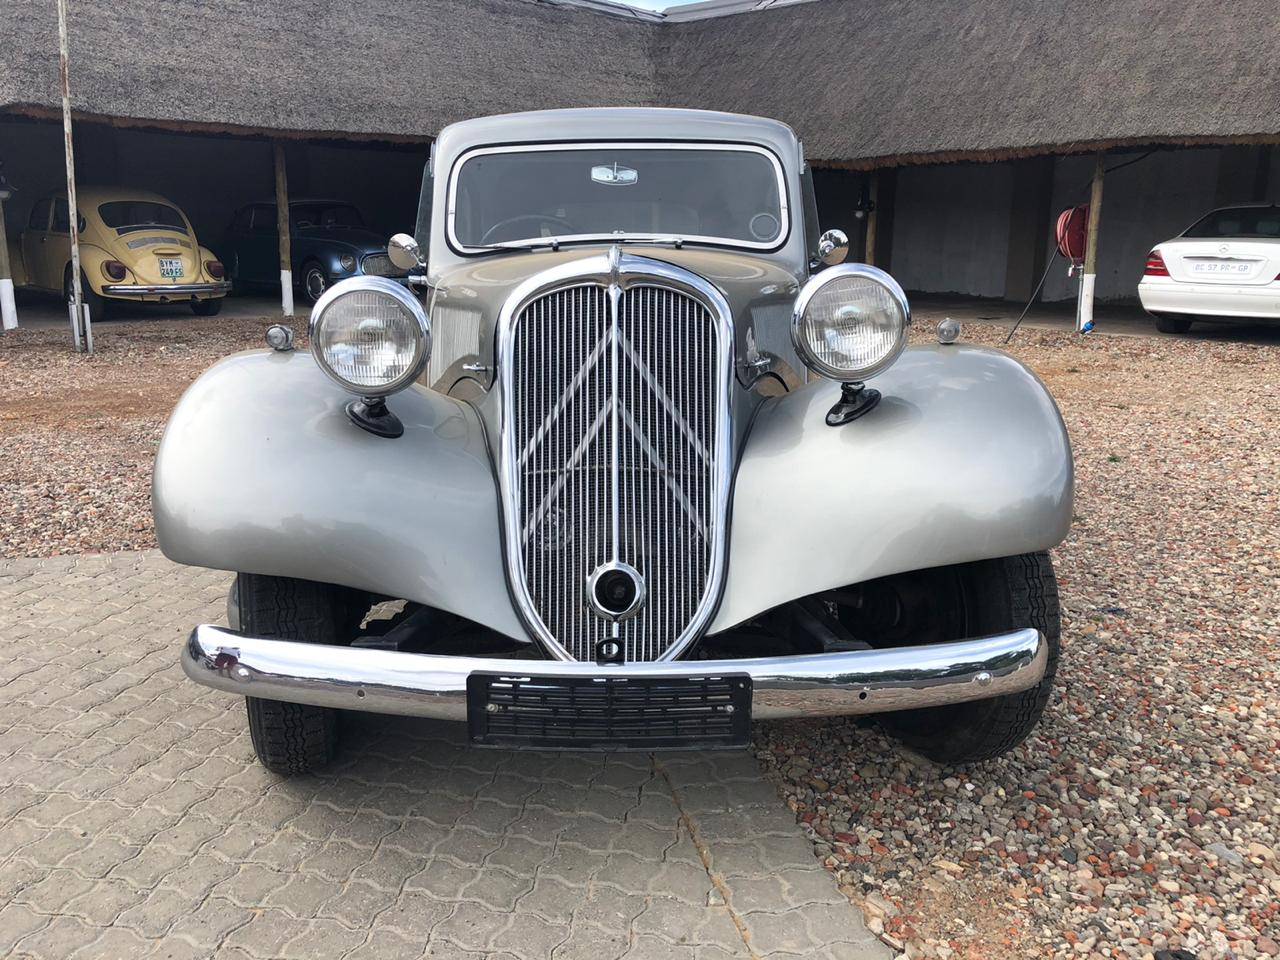 1951 Citroën Little